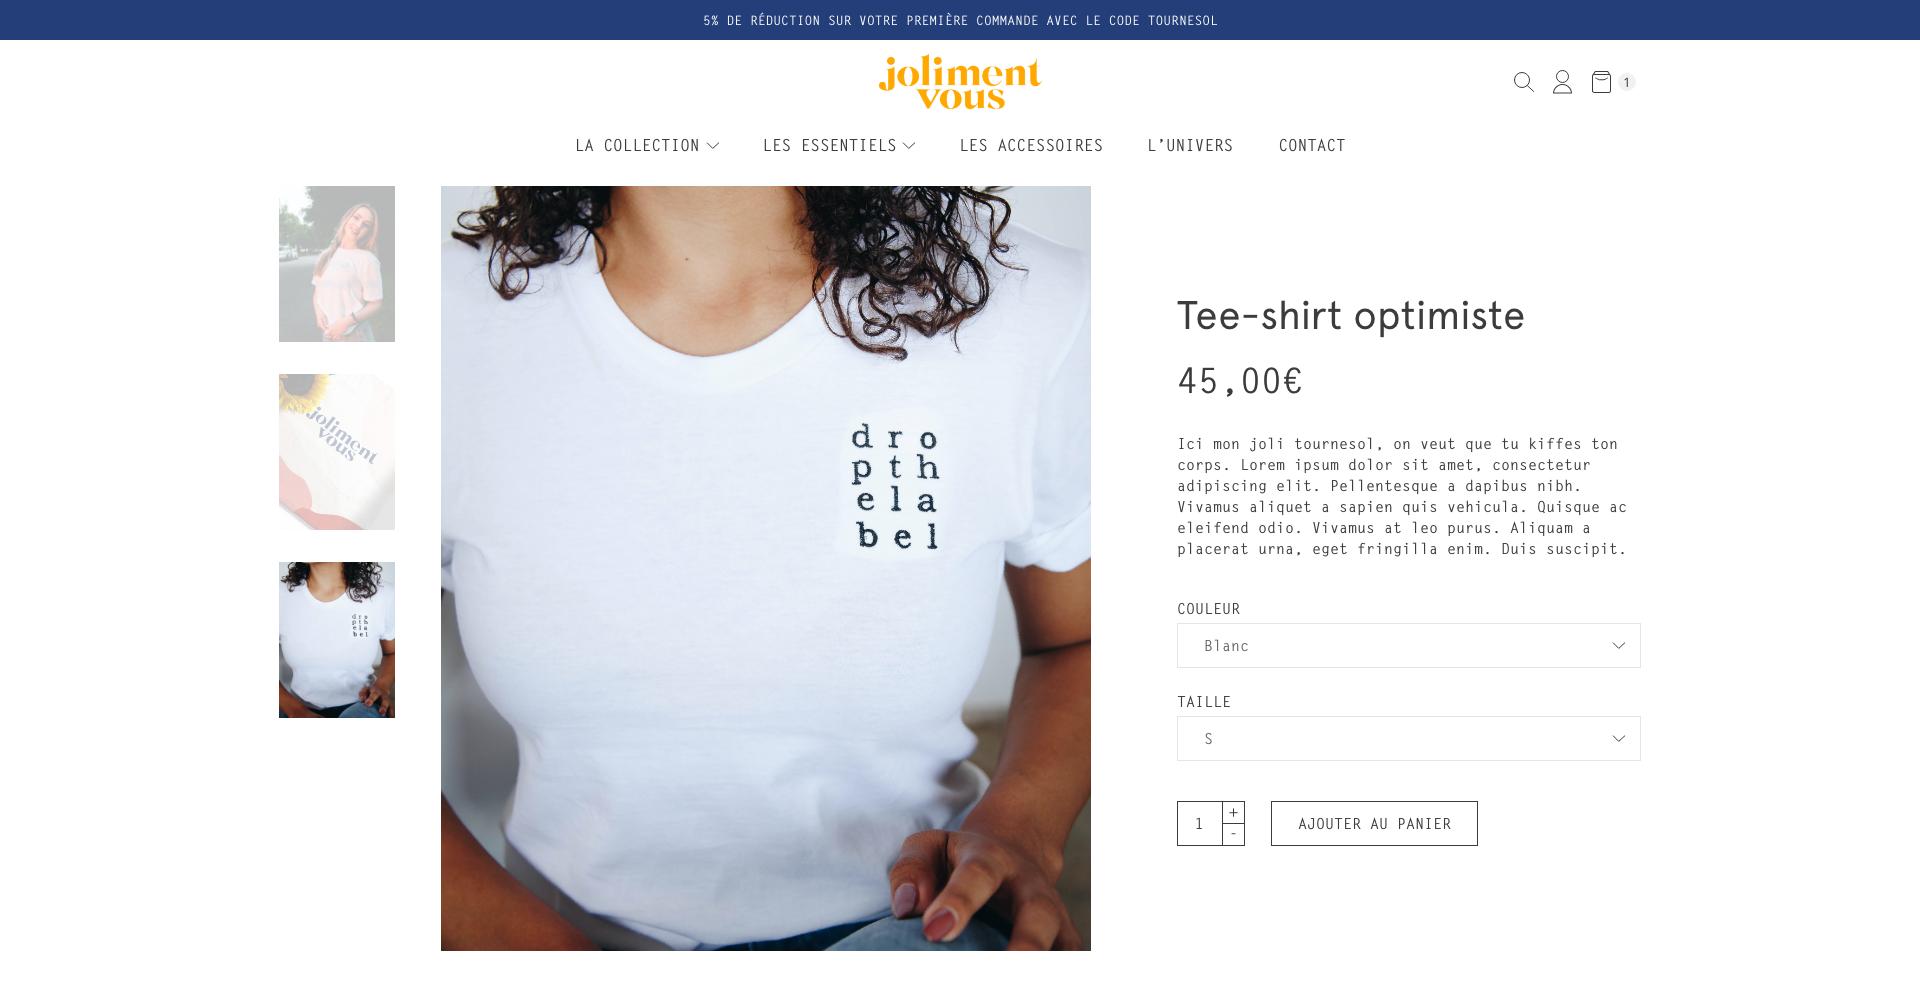 jolimentvous-ecommerce-site-pretaporter-graphiste-webdesigner-freelance-strasbourg-studio-polette-04